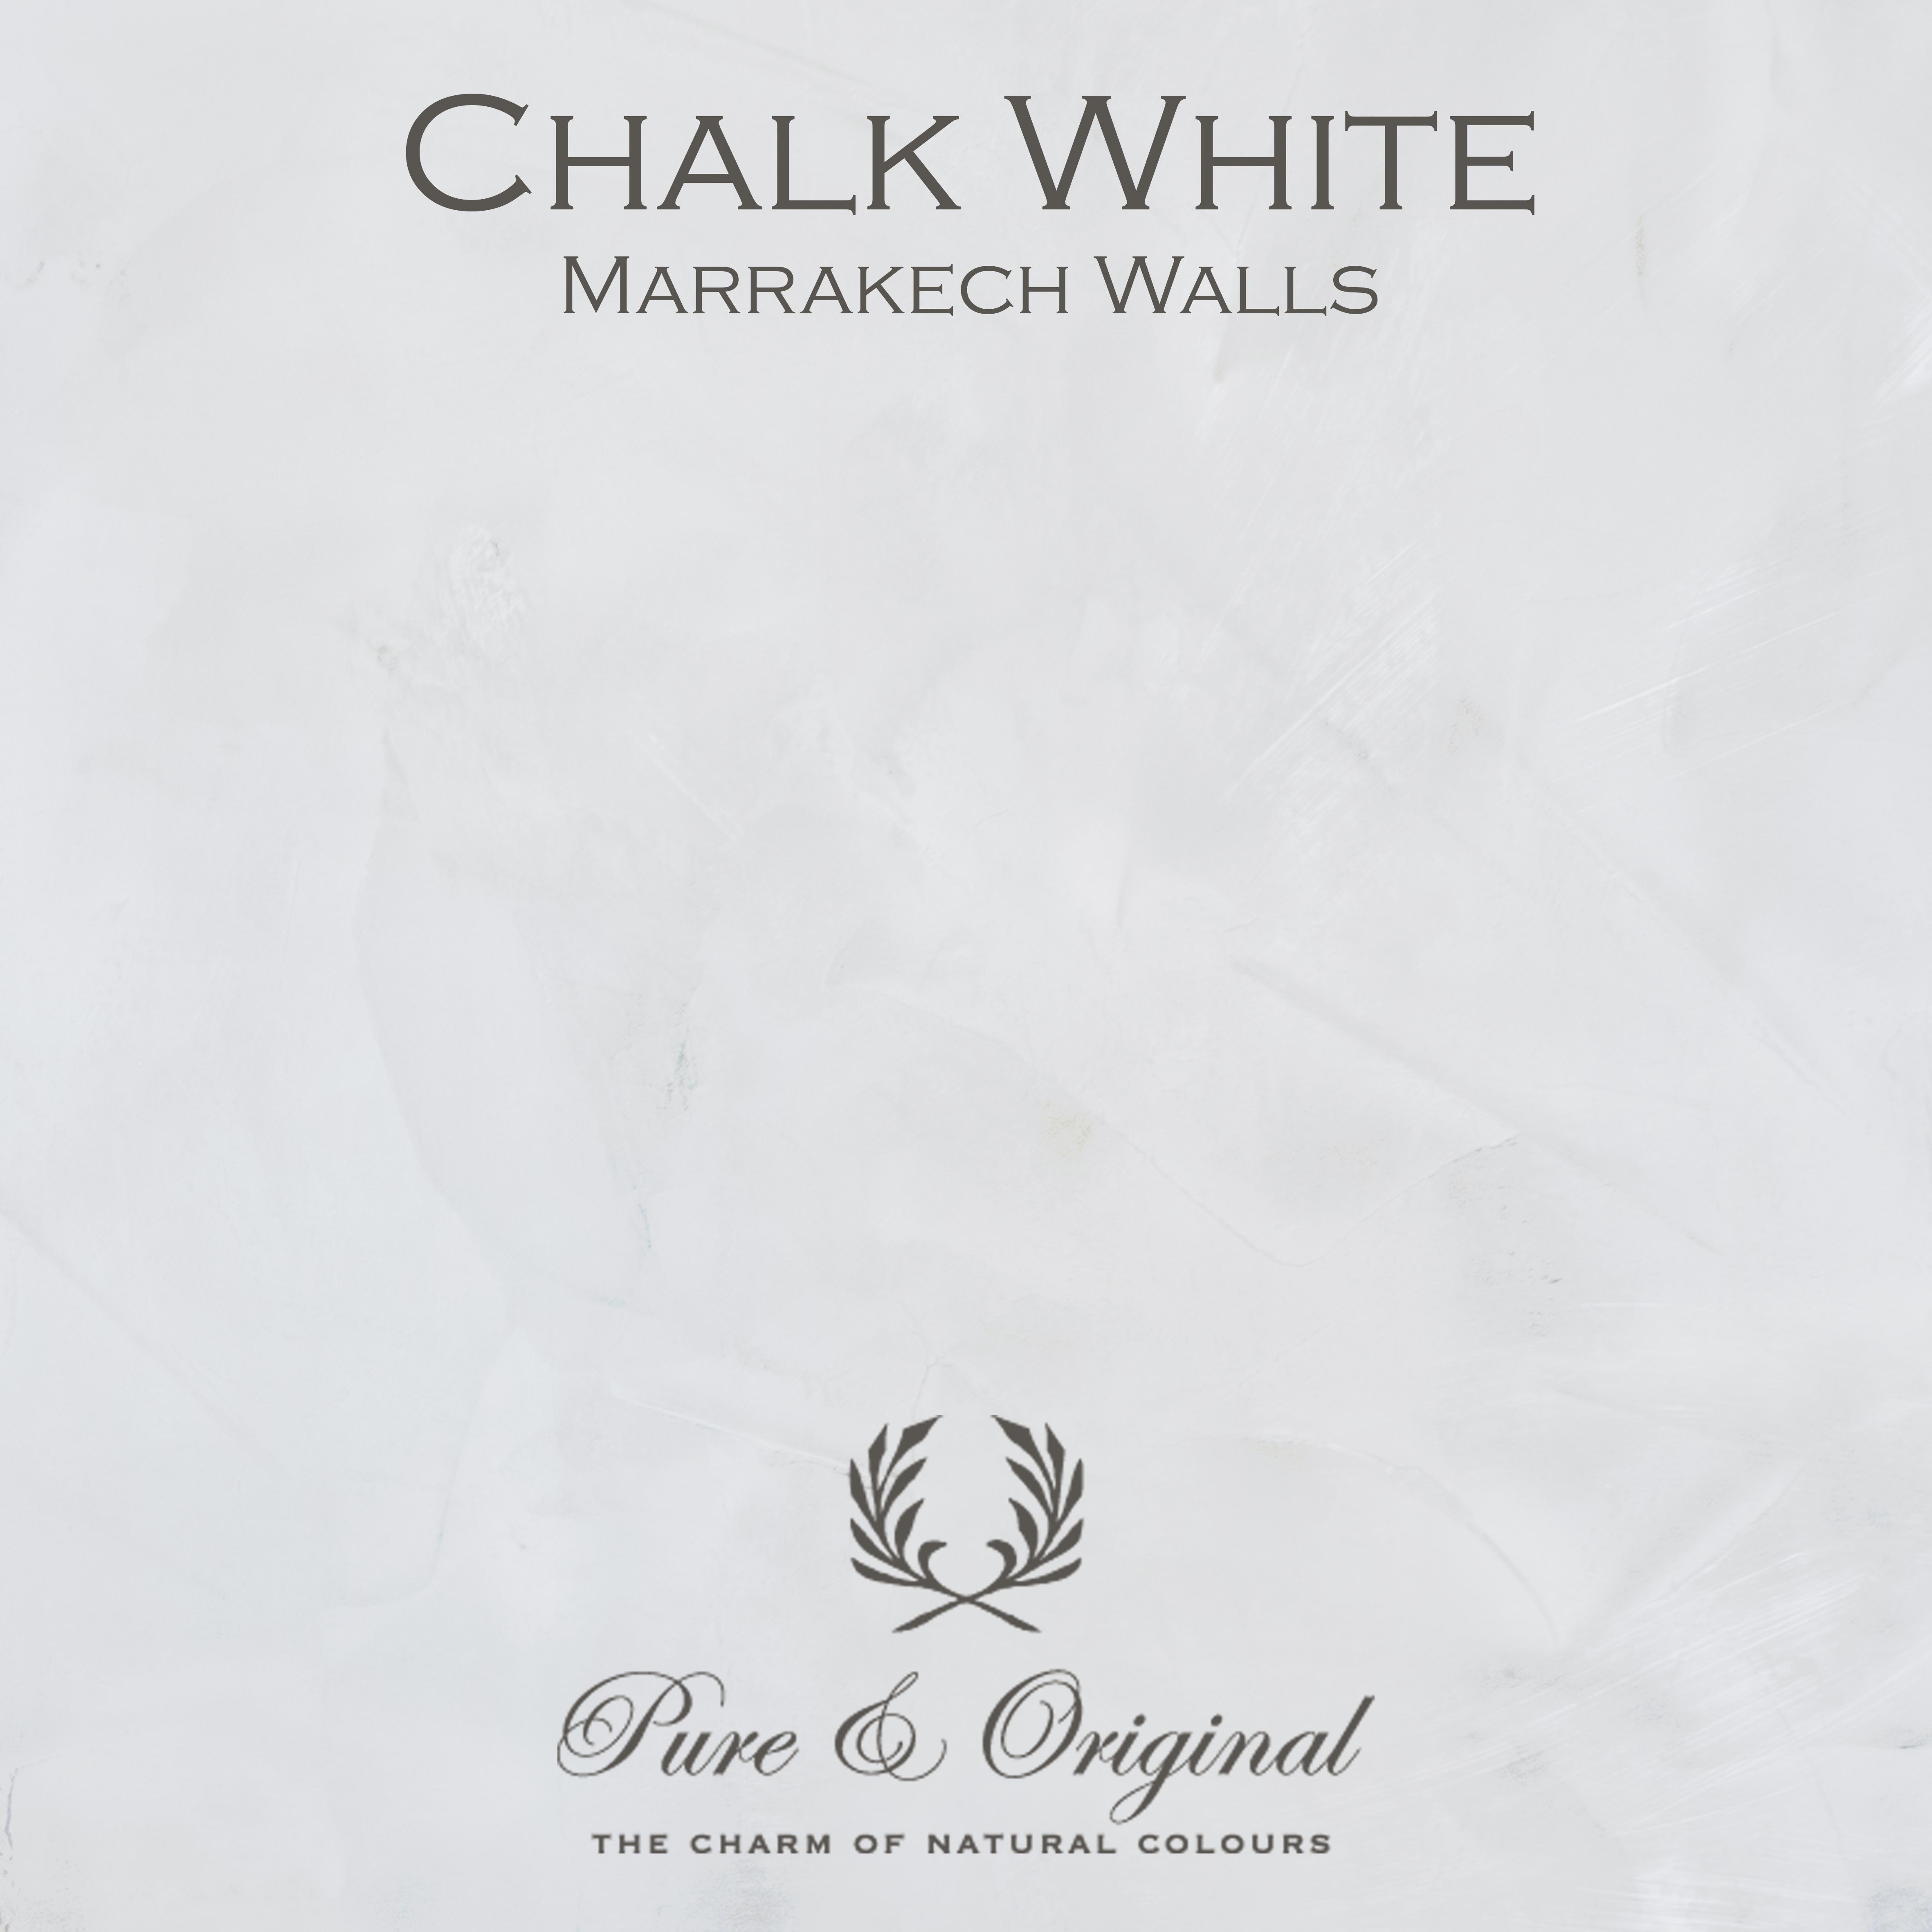 Kulör Chalk White, Marrakech Walls kalkfärg